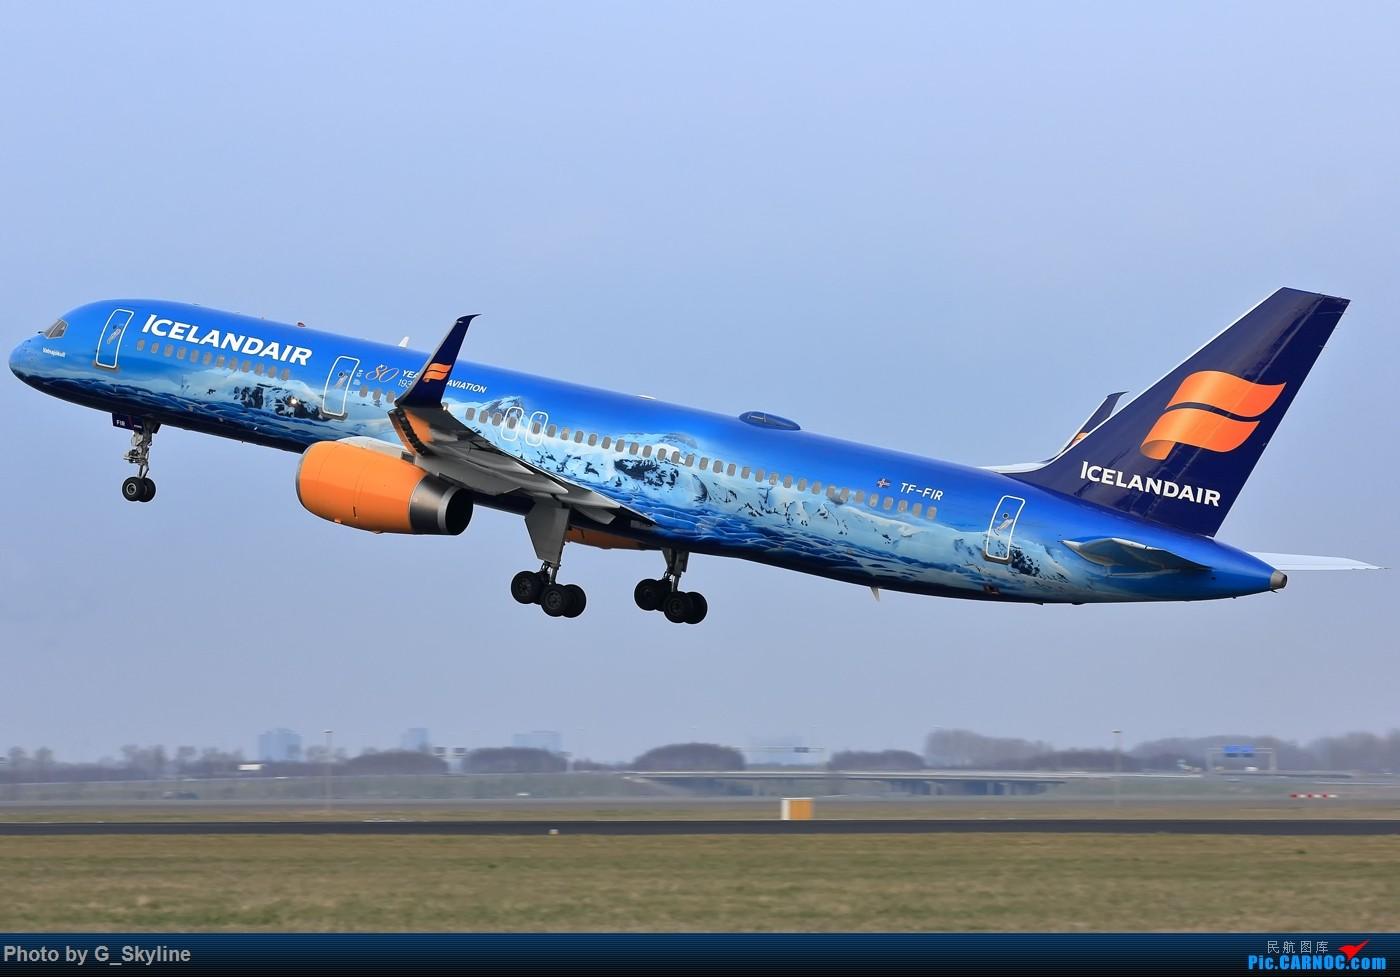 Re:[原创]【AMS】冰岛航空B757 80周年冰山特别涂装 BOEING 757-200 TF-FIR 荷兰阿姆斯特丹史基浦机场